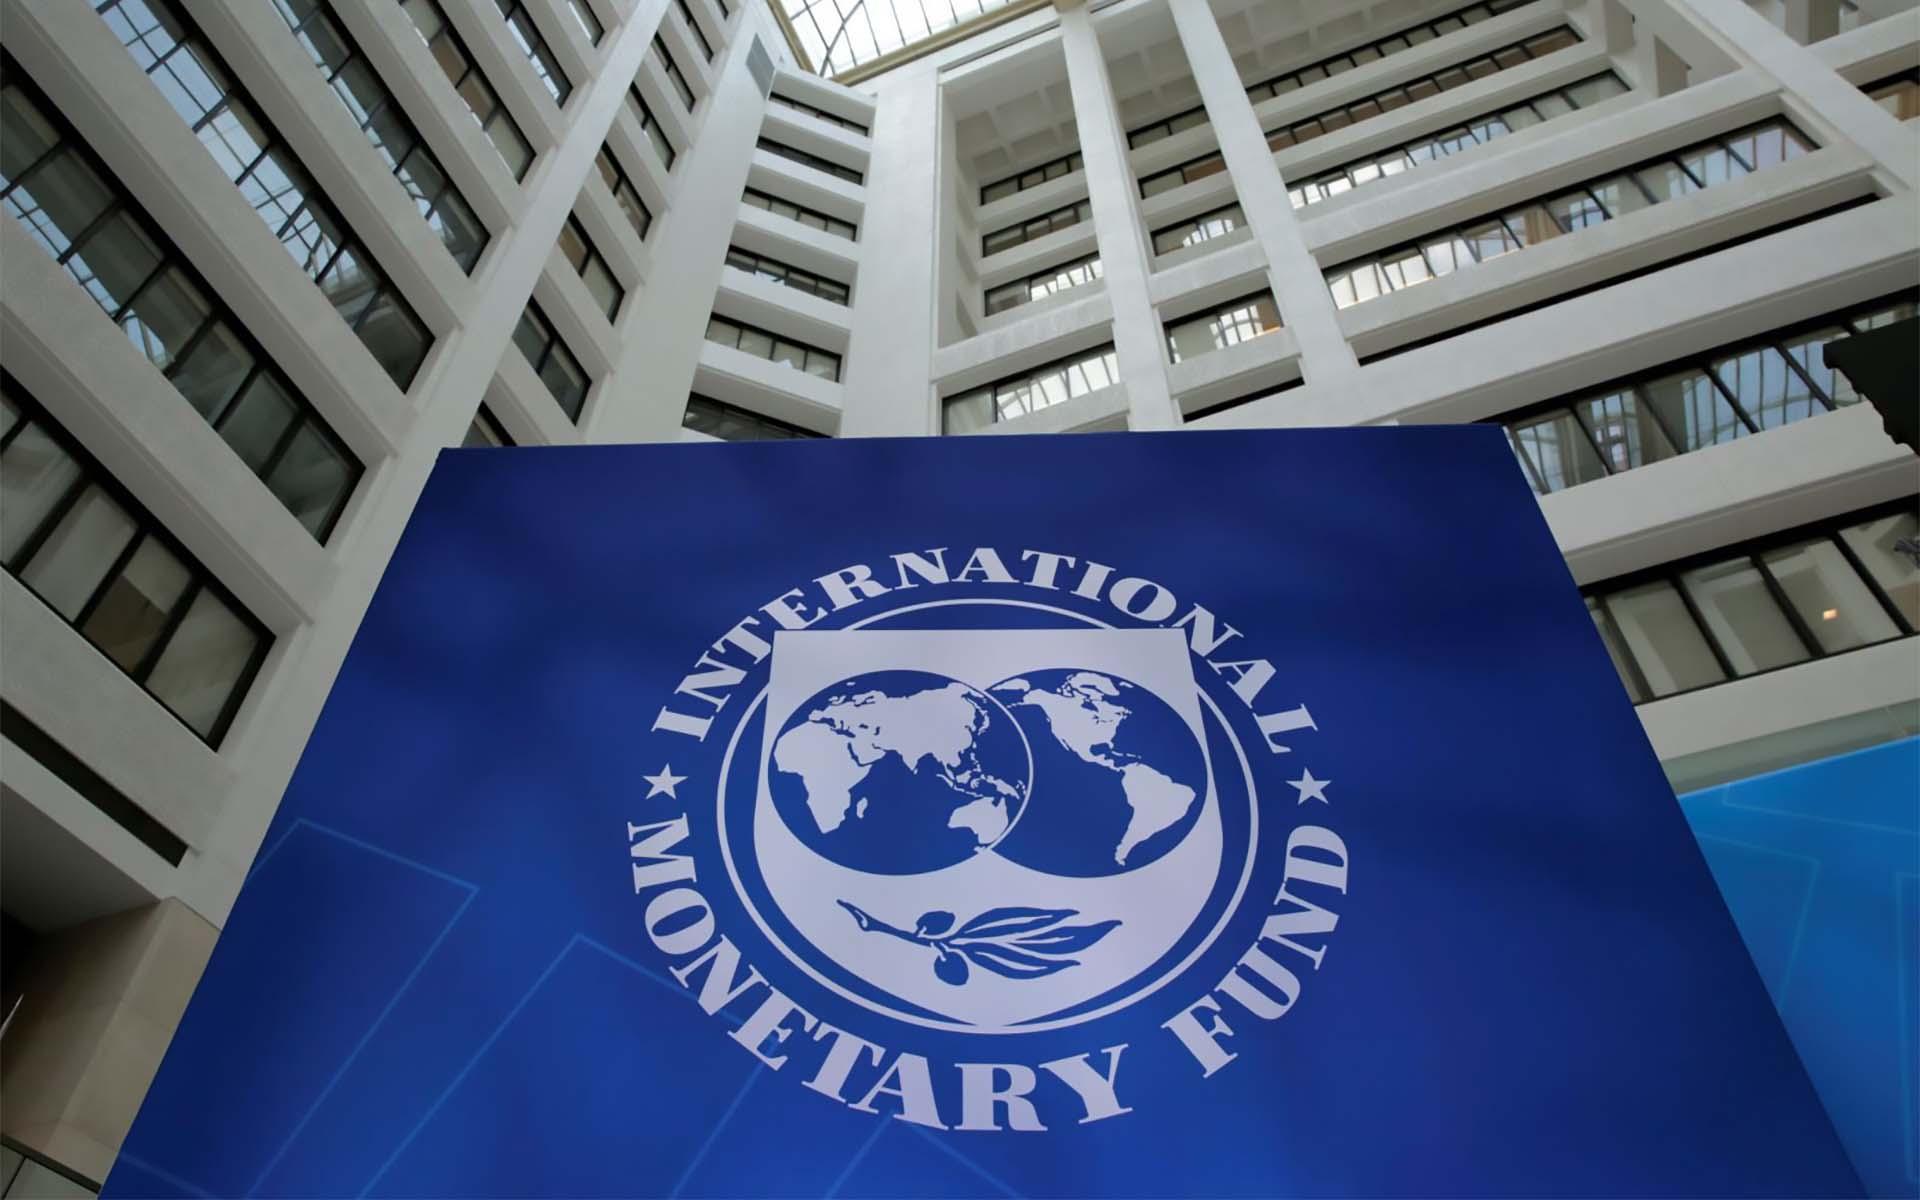 विश्व अर्थतन्त्र आर्थिक मन्दीमा प्रवेश गरिसक्यो : आईएमएफ